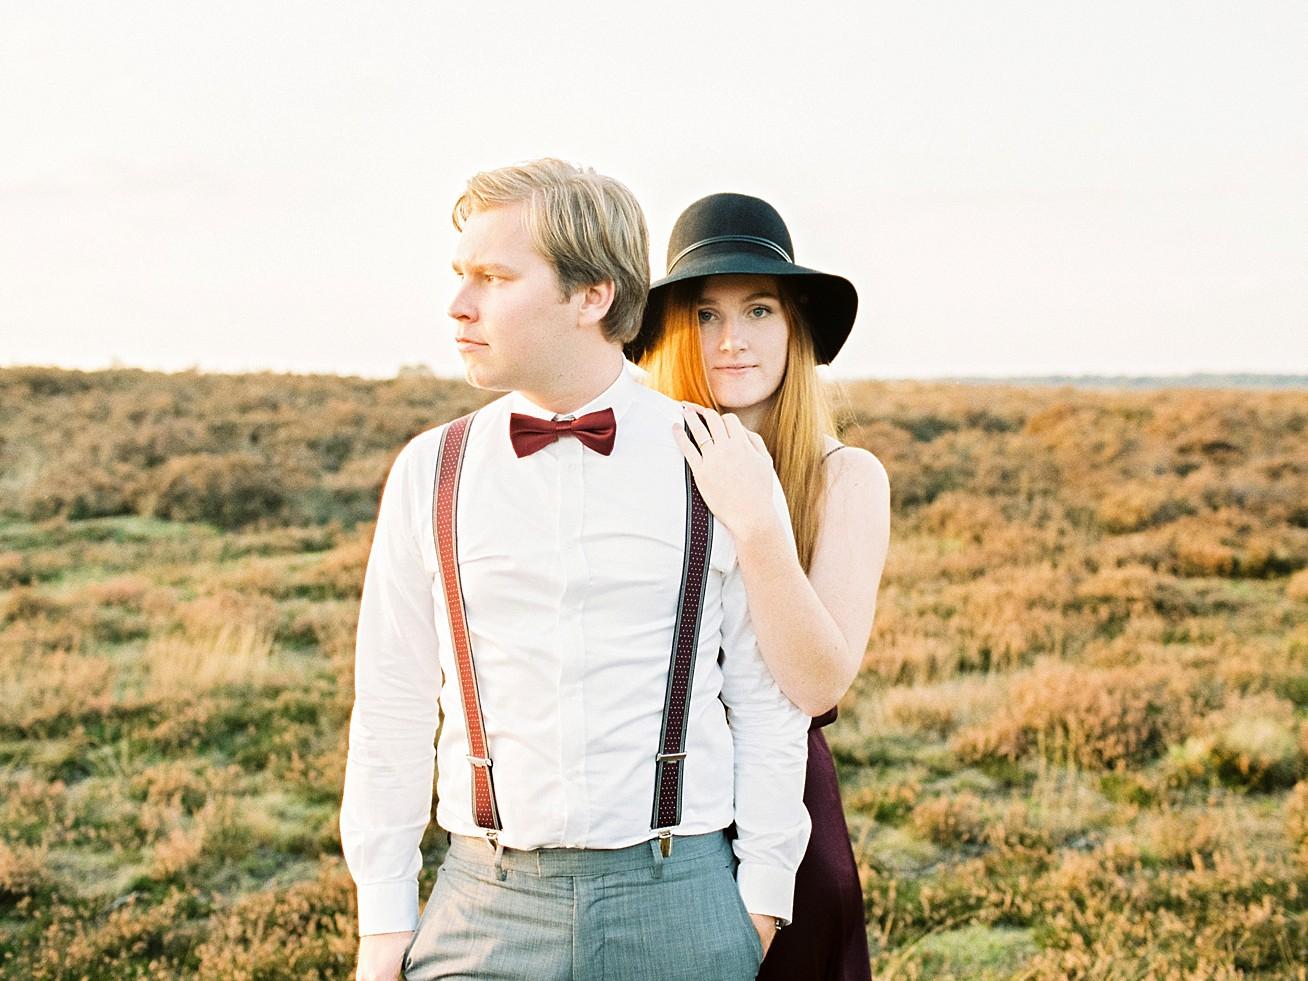 Amanda-Drost-Photography-fine-art-fotografie-nederland-coupleshoot-loveshoot_0005.jpg